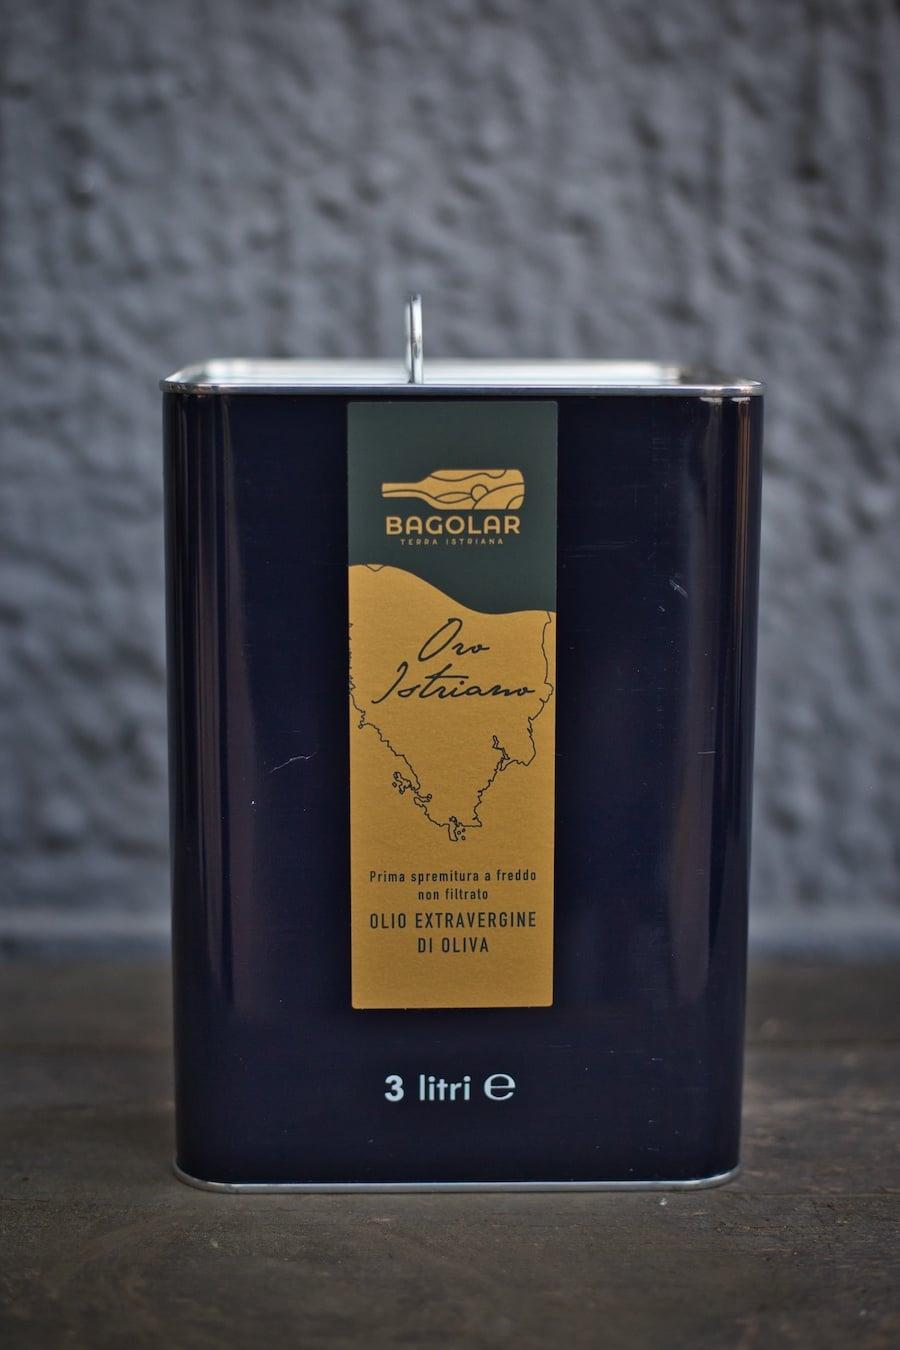 Bagolar - Olio Evo - Latta 3lt black